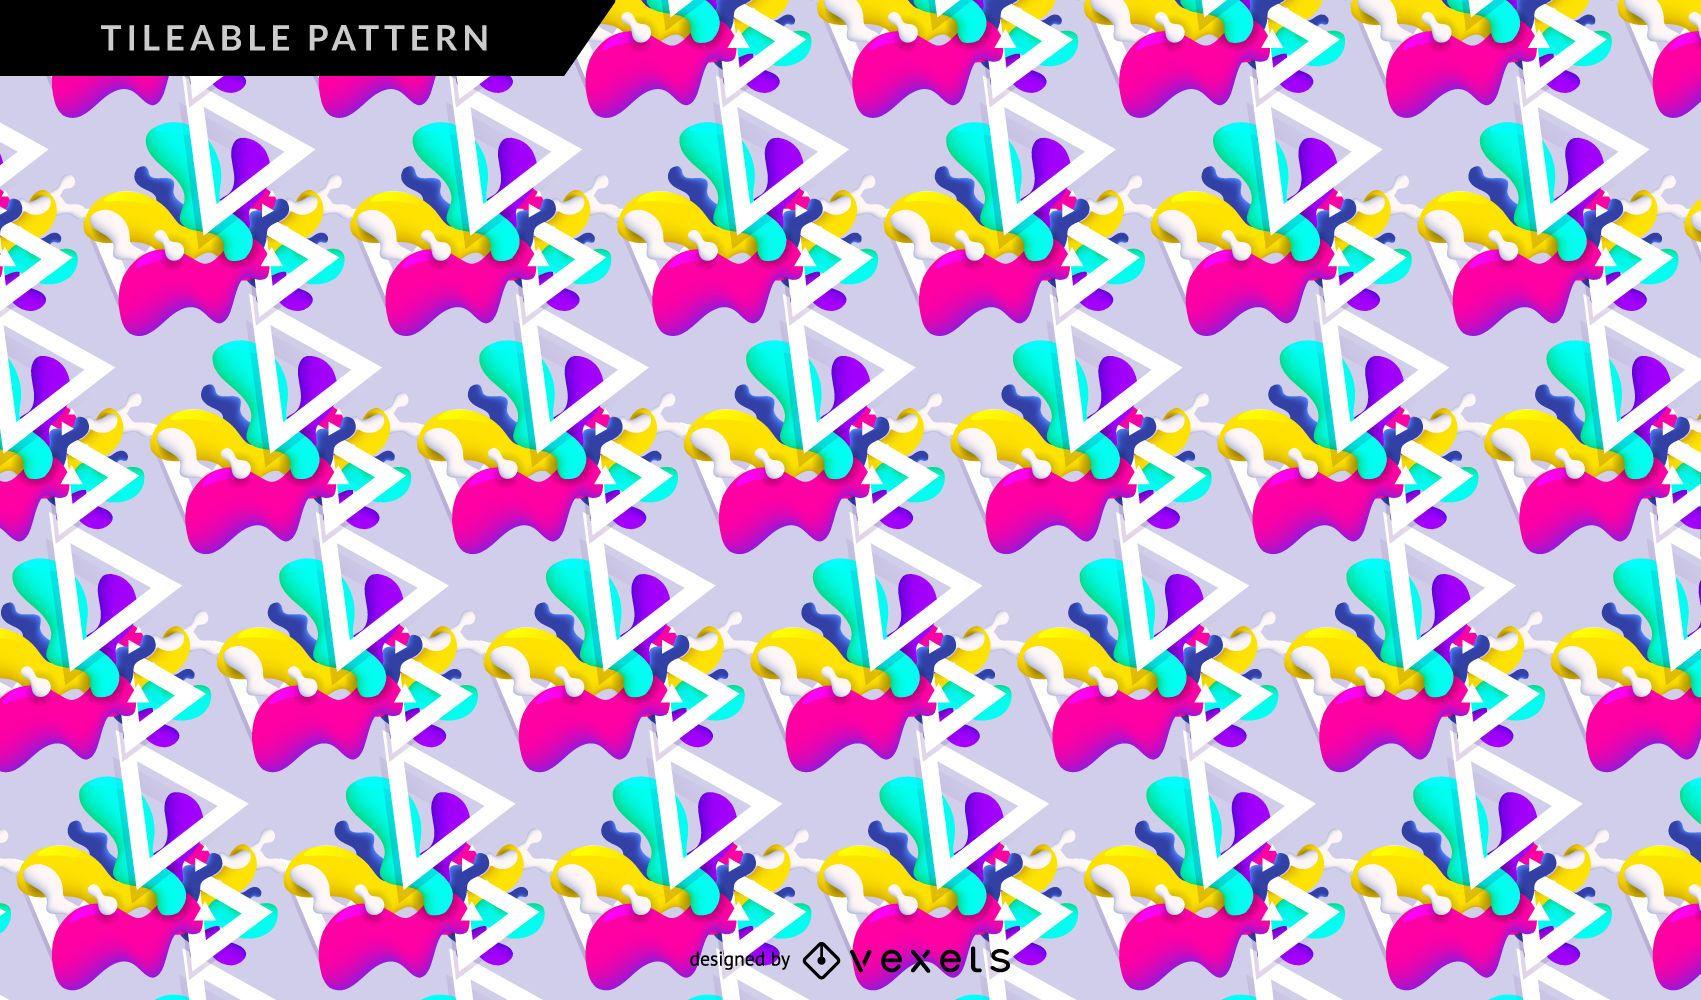 Vivid abstract pattern